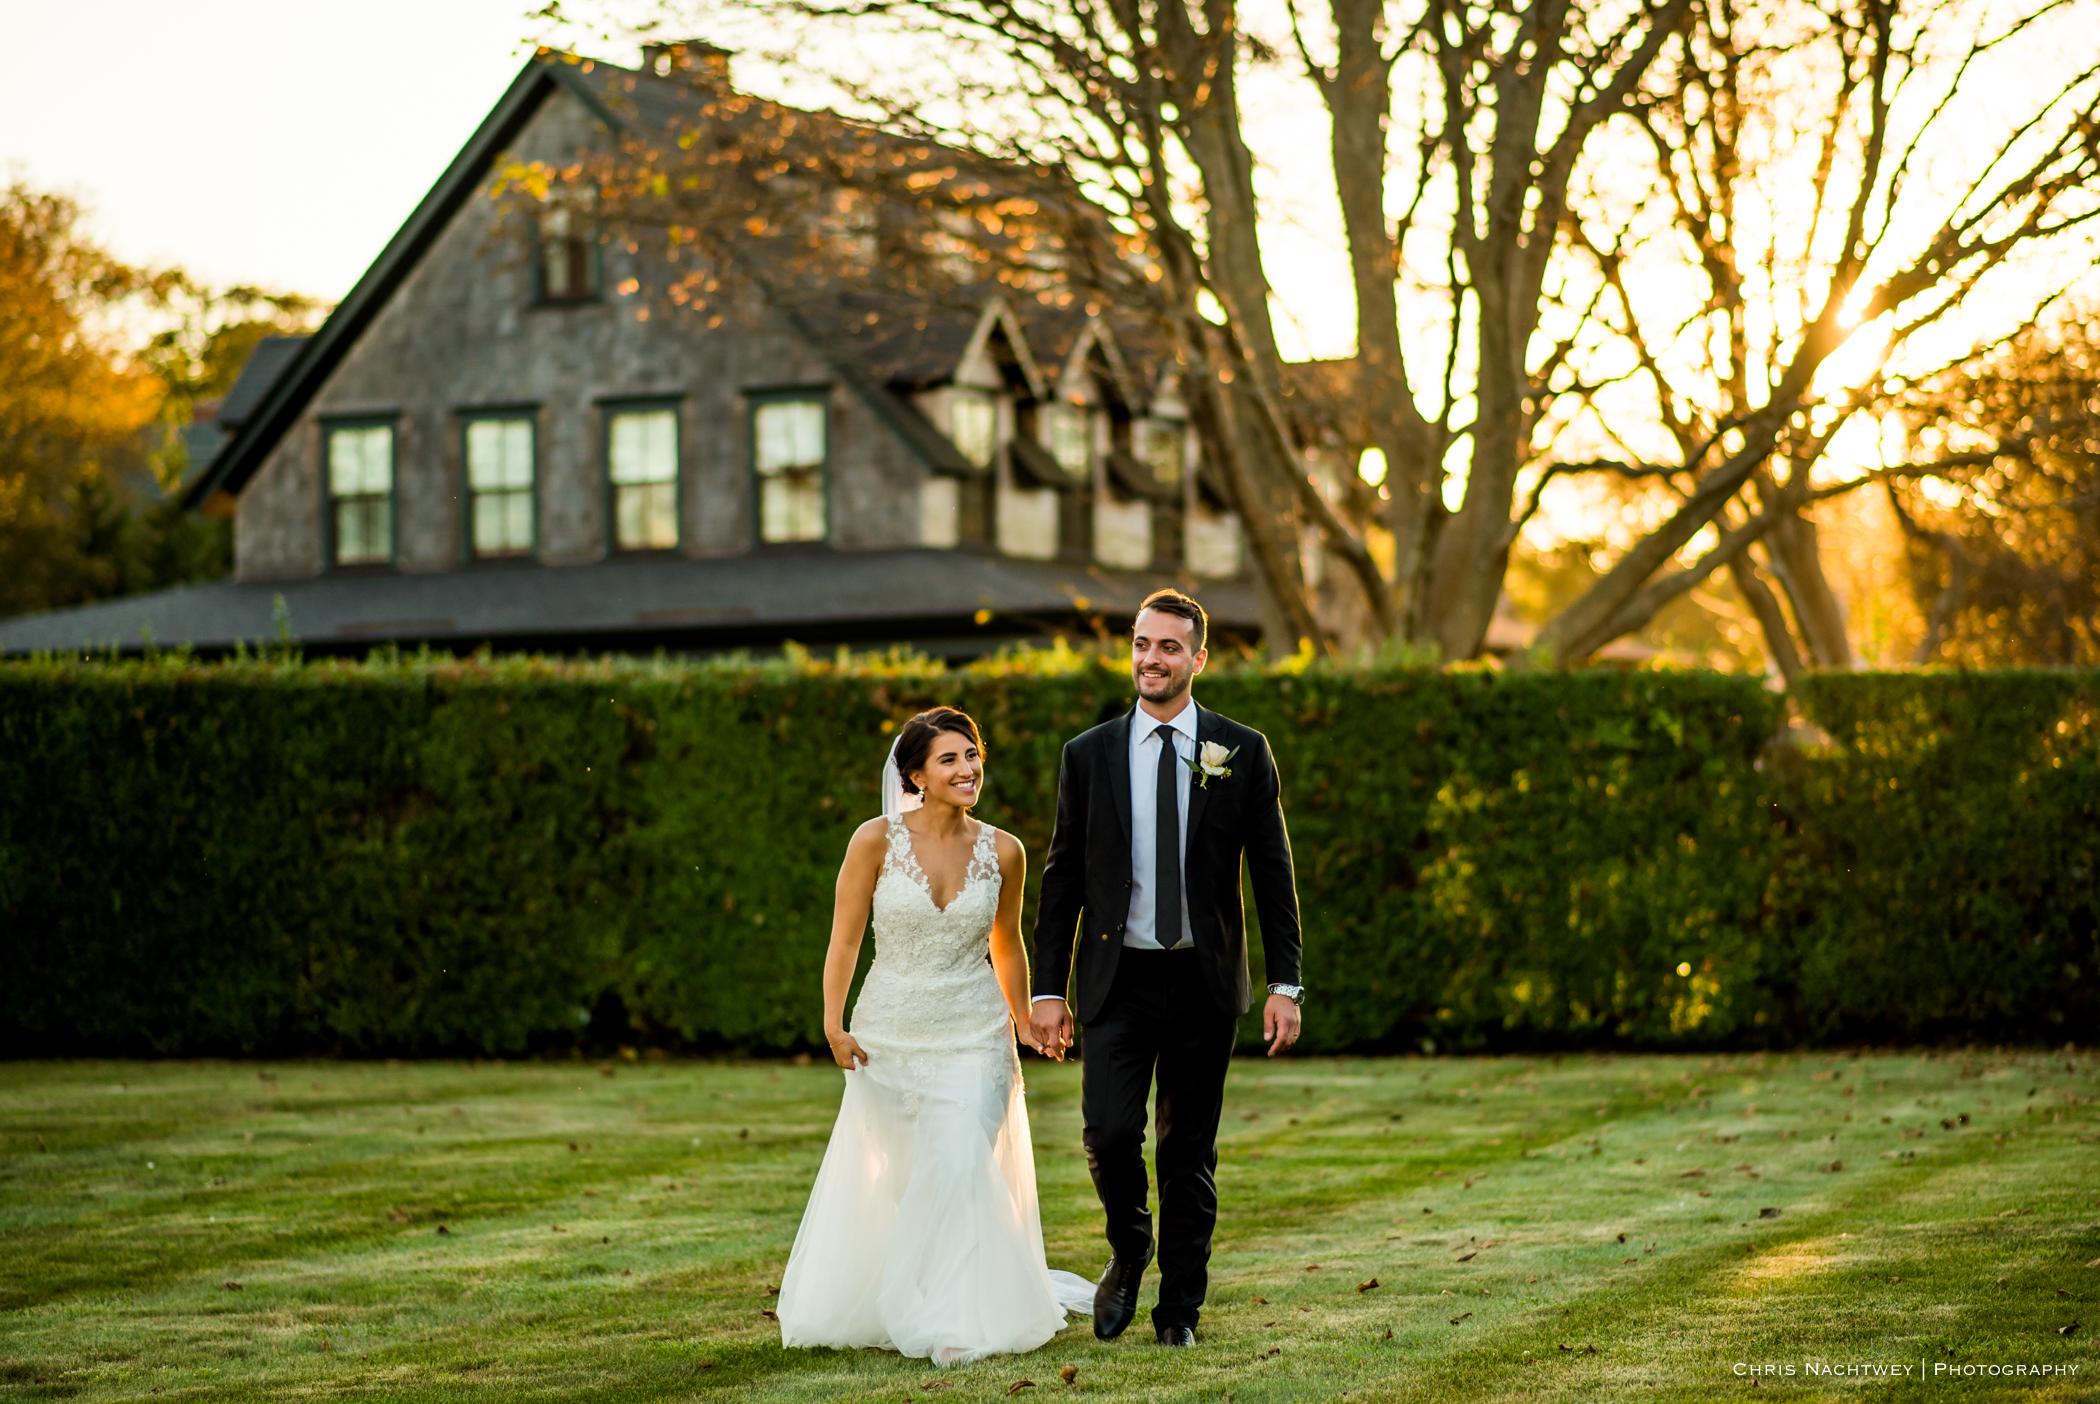 lauren-shaun-the-towers-ri-wedding-chris-nachtwey-photography-2017-31.jpg